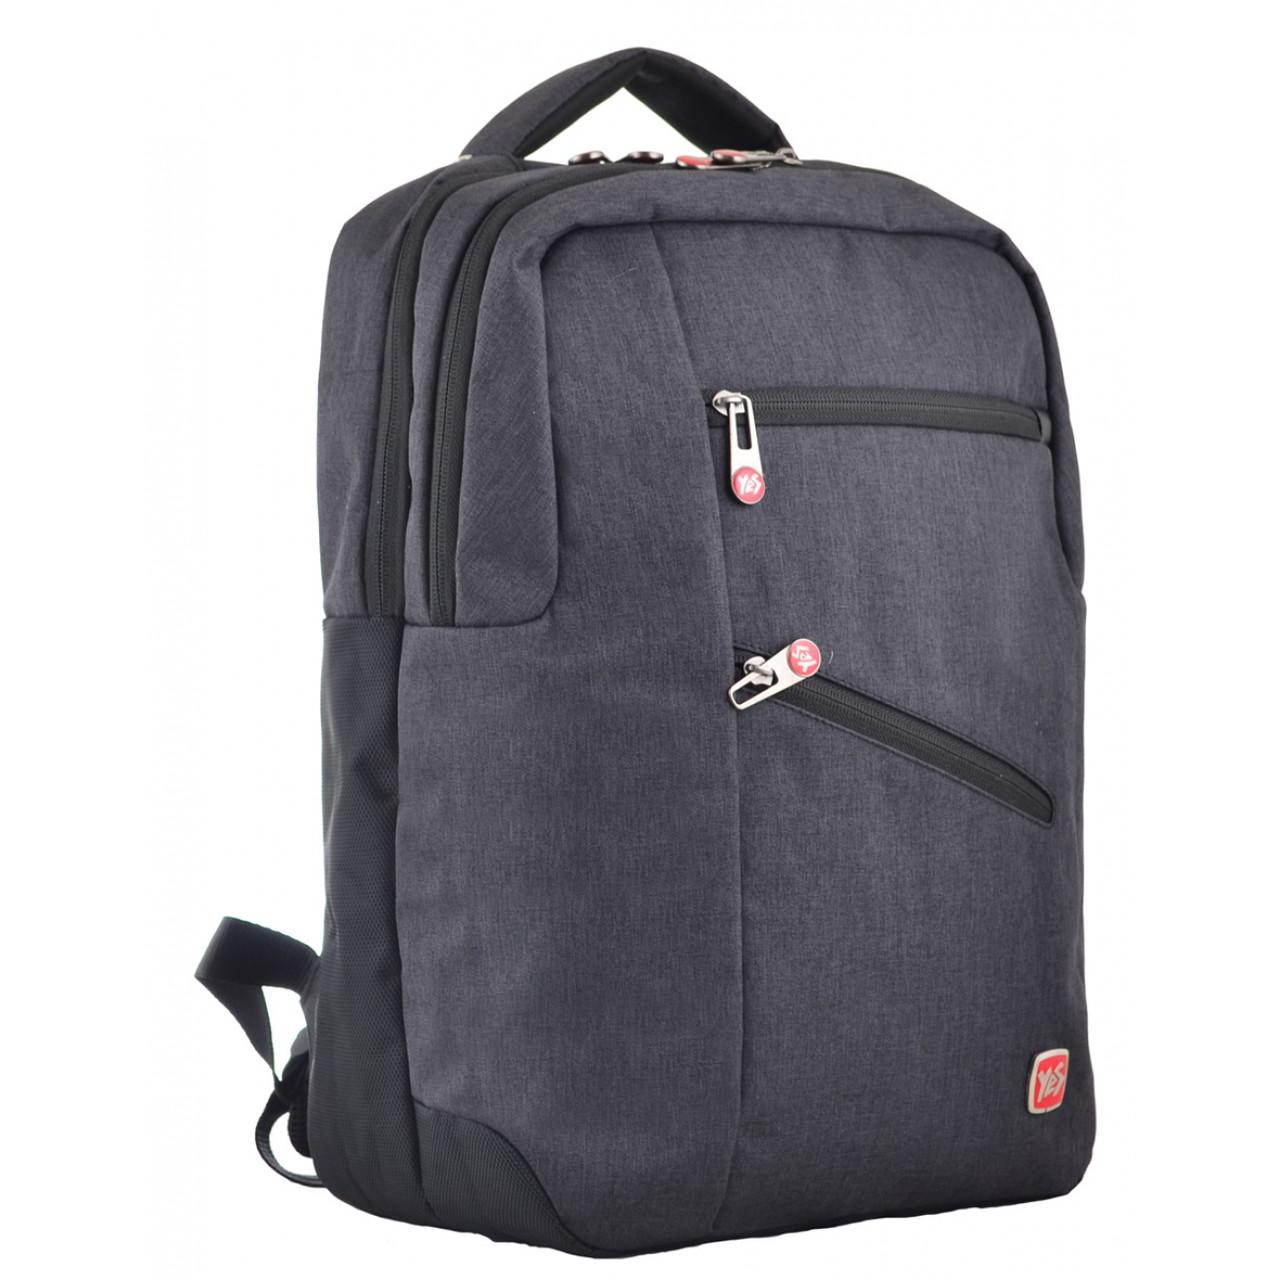 Рюкзак мужской Yes Biz 40*28*13 см серого цвета с отделом для ноутбука (555398)